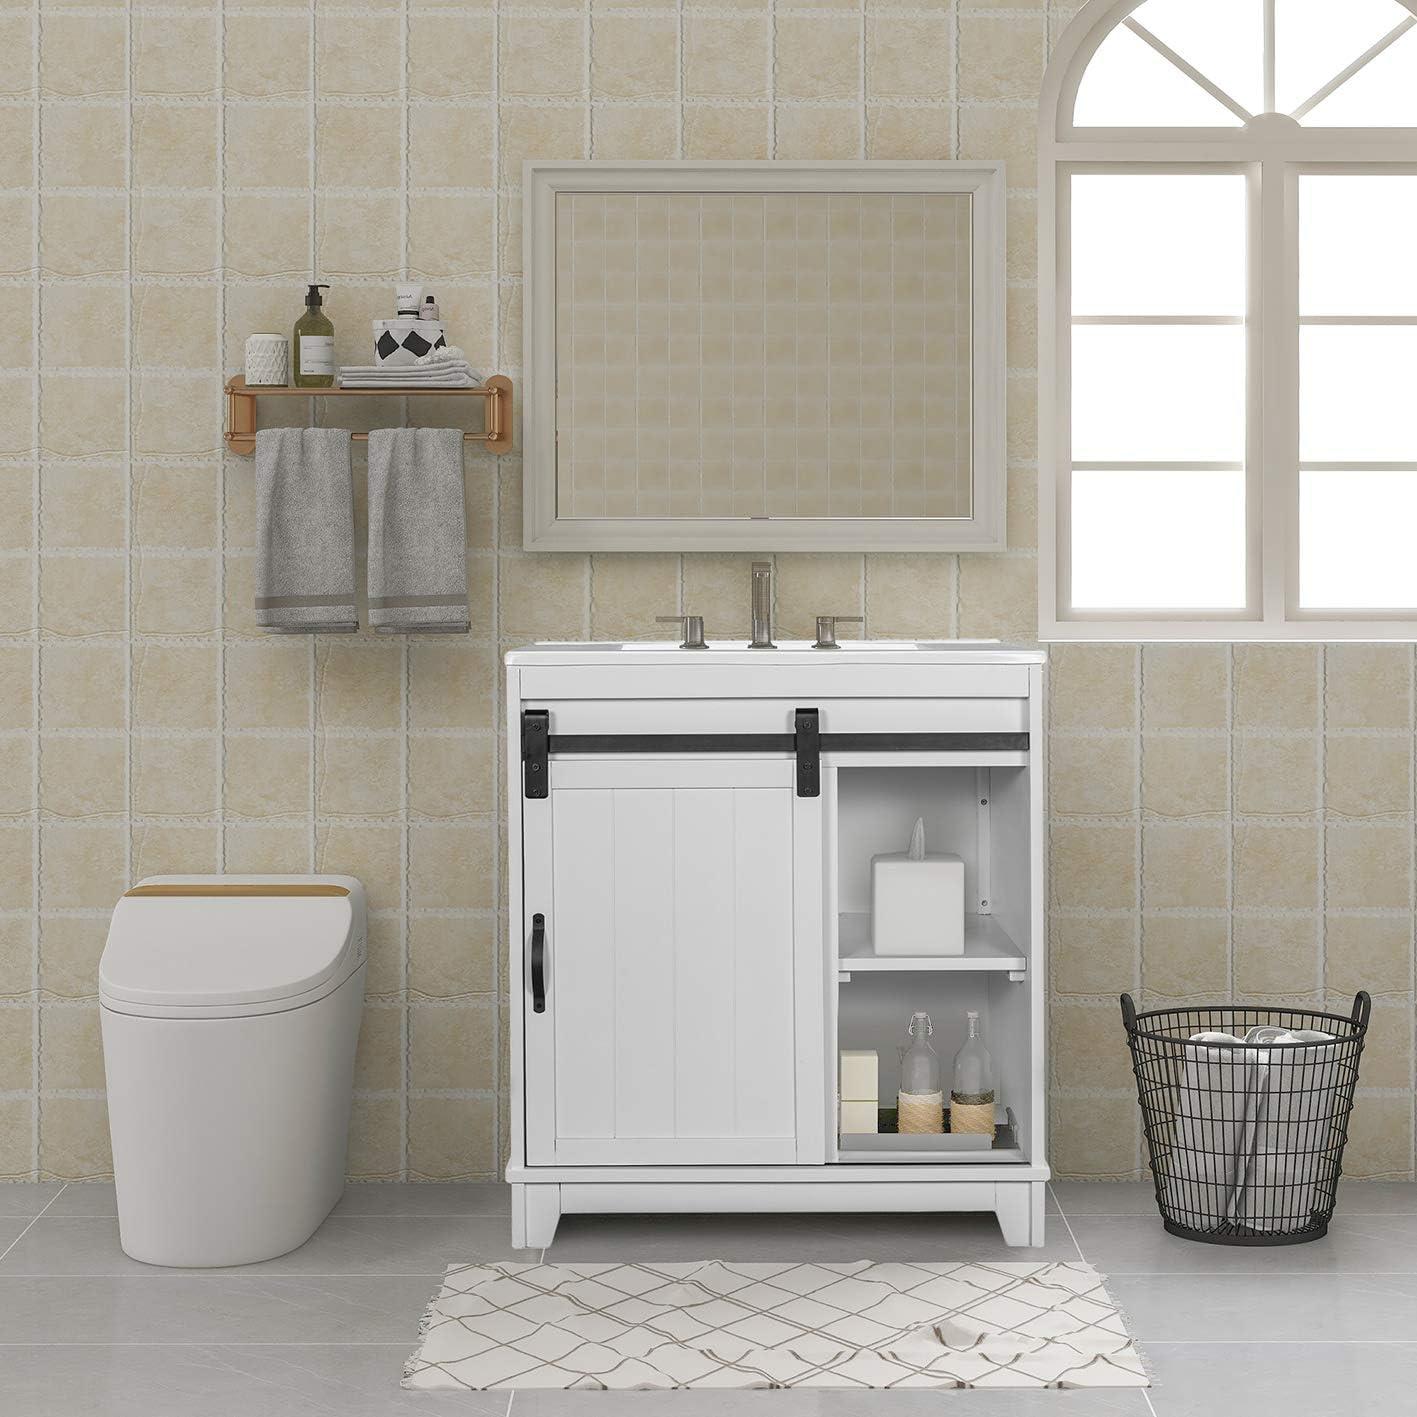 Amazon Com Kksafe Bathroom Sink Vanity 30 X 18 X 34 Inch Narrow Depth Vanities With Sliding Barn Door And White Sink Small Bathroom Vanity Sink Combo Storage Vanity Cabinet Vanity Sinks For